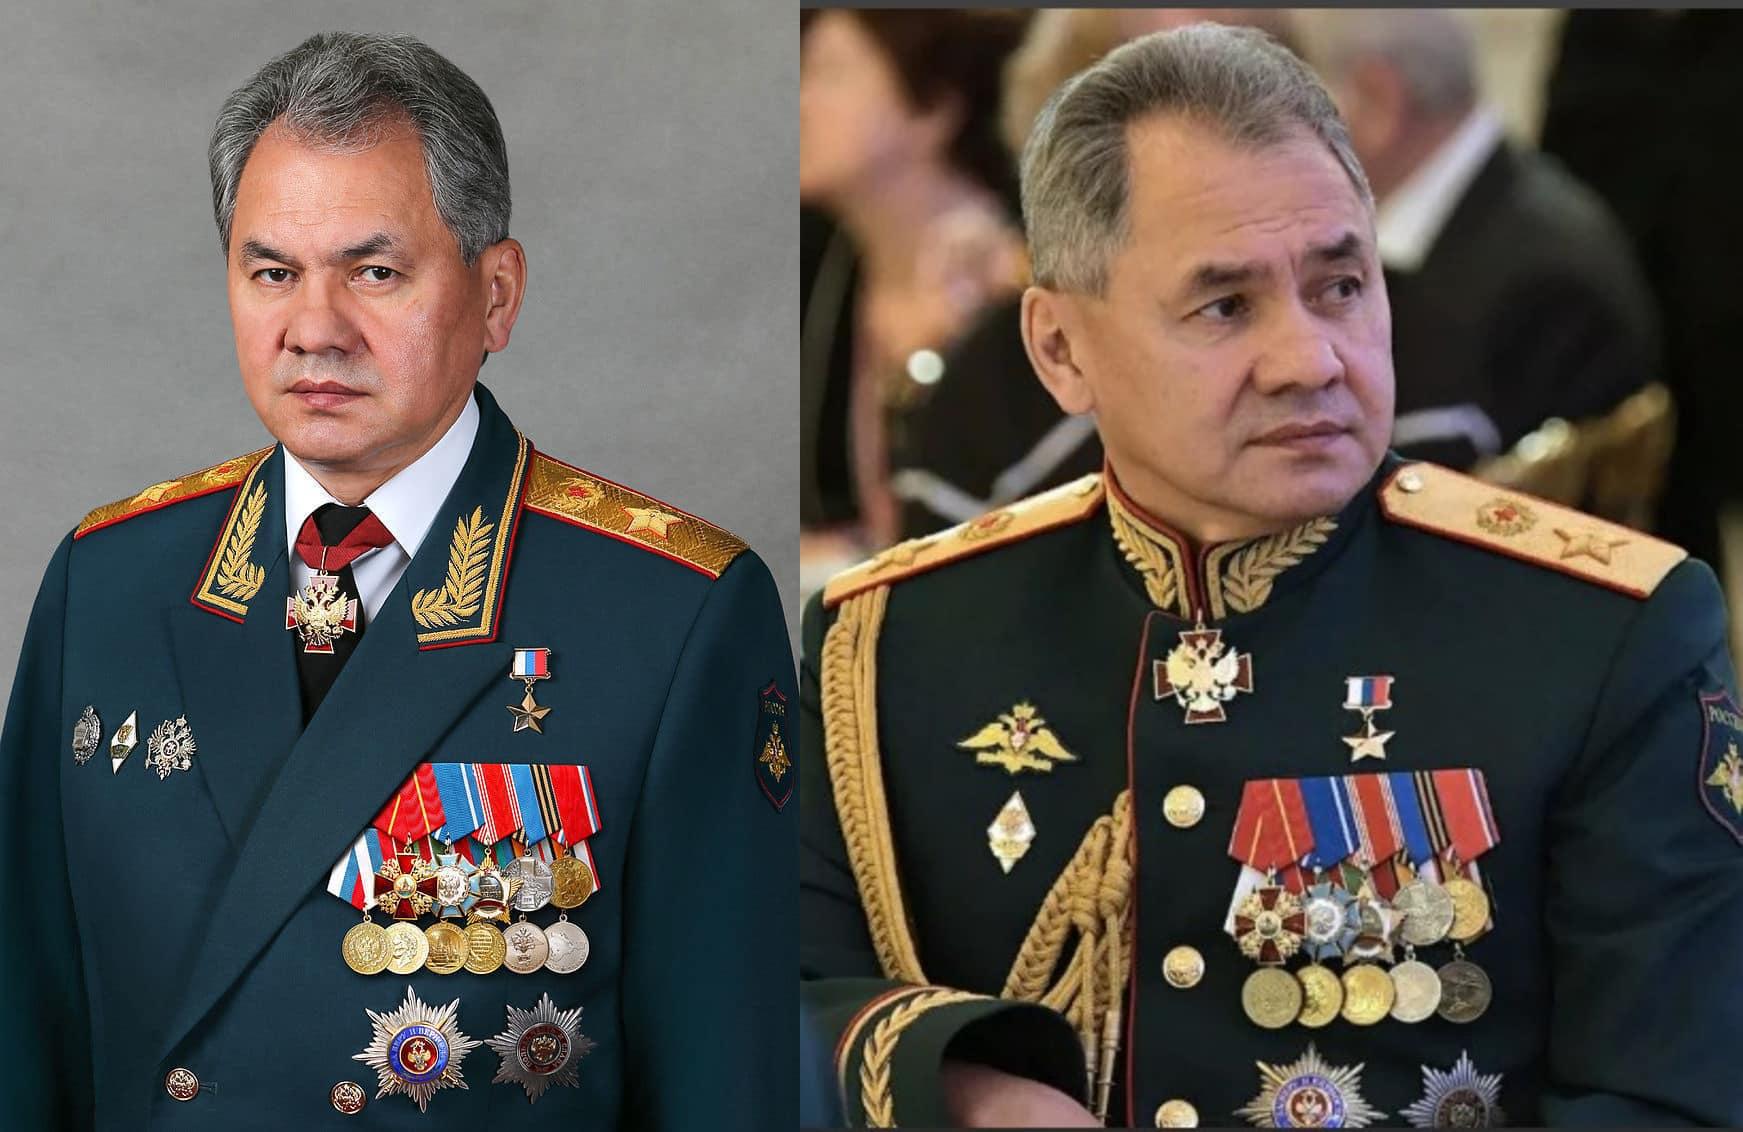 Заслуги министра обороны перед отечеством отмечены государственной наградой